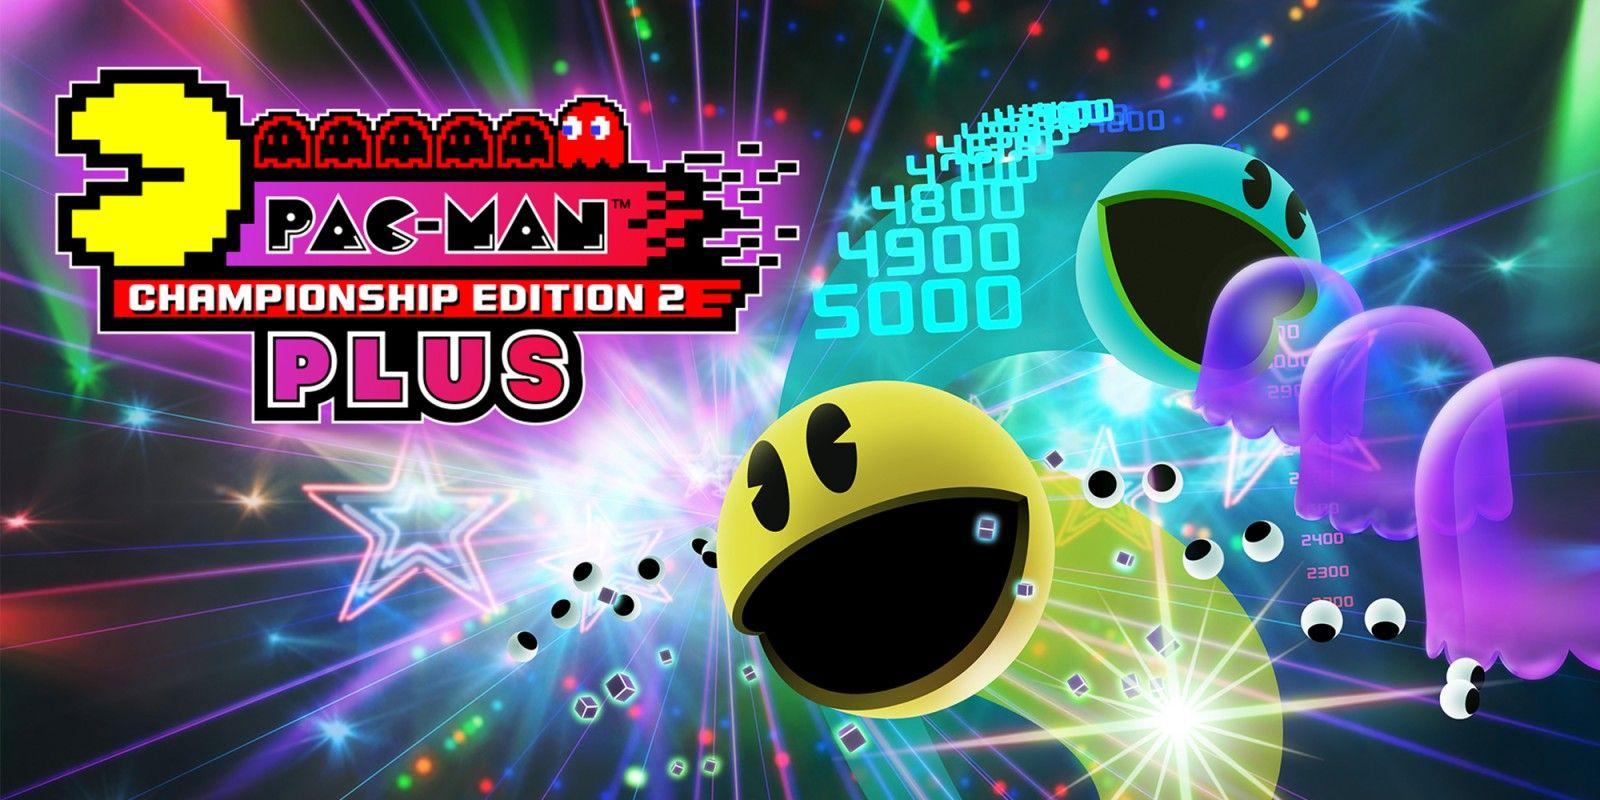 Jeu Pac-Man Championship Edition 2 Plus sur Nintendo Switch (Dématérialisé)